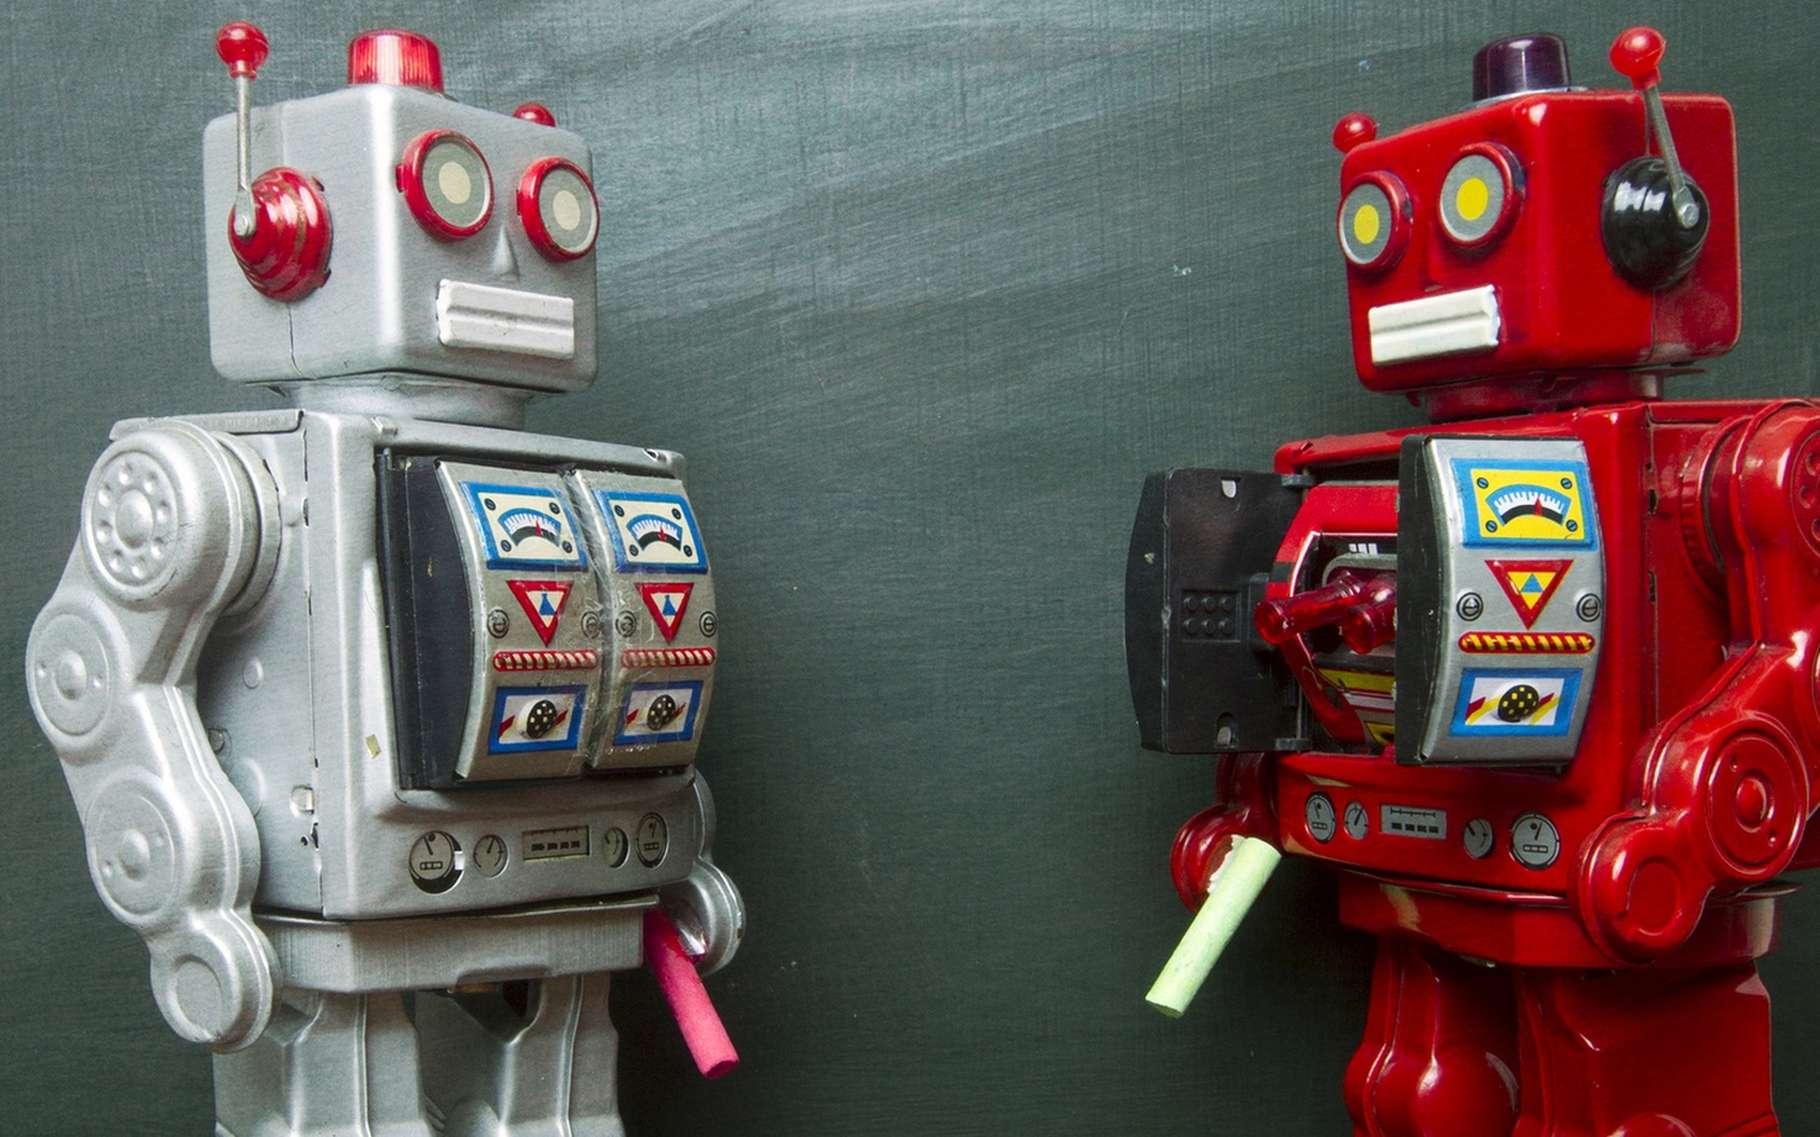 L'apprentissage des robots est un enjeu fondamental pour lequel les roboticiens poursuivent deux objectifs : le rendre accessible à des non-spécialistes et faire en sorte que des robots soient capables de former d'autres robots pour accomplir des tâches similaires. © Charles Taylor, Fotolia